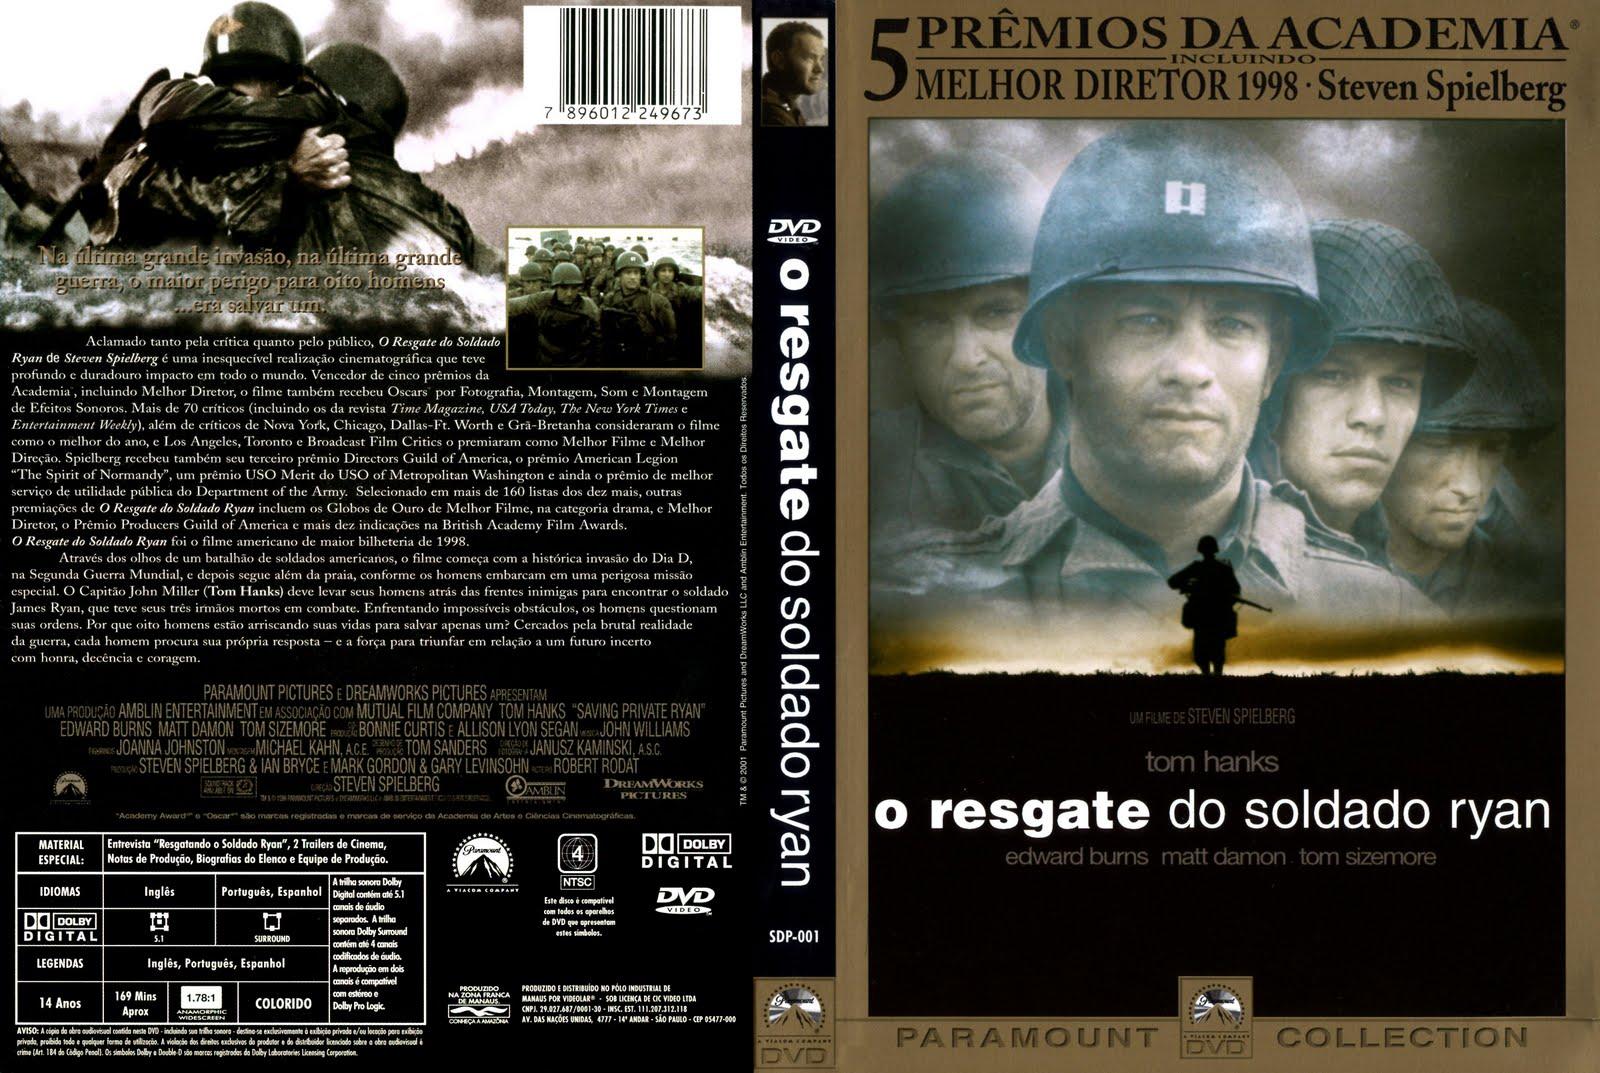 o resgate do soldado ryan dublado filme completo